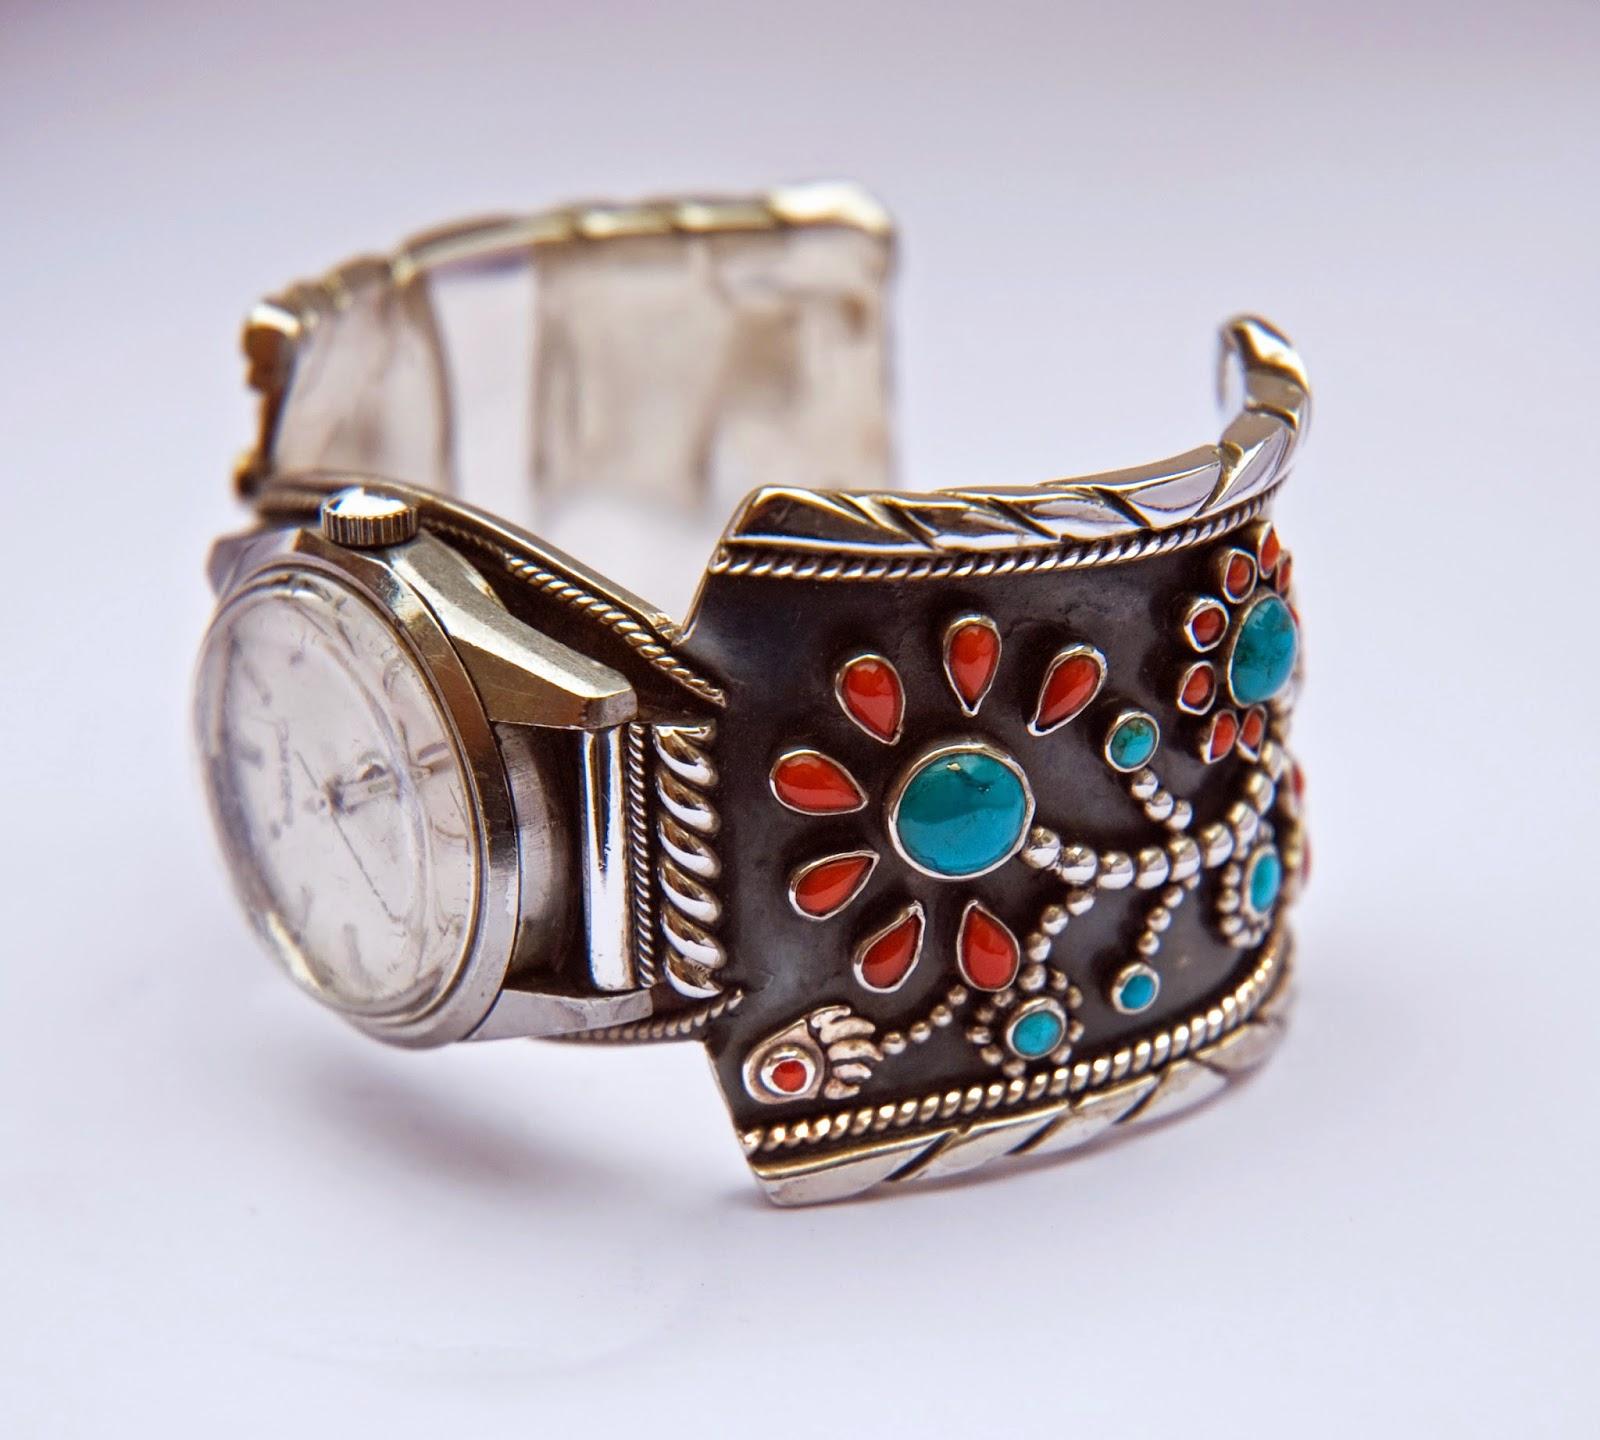 Bimaabiig Aadizookaan wristwatch cuff band